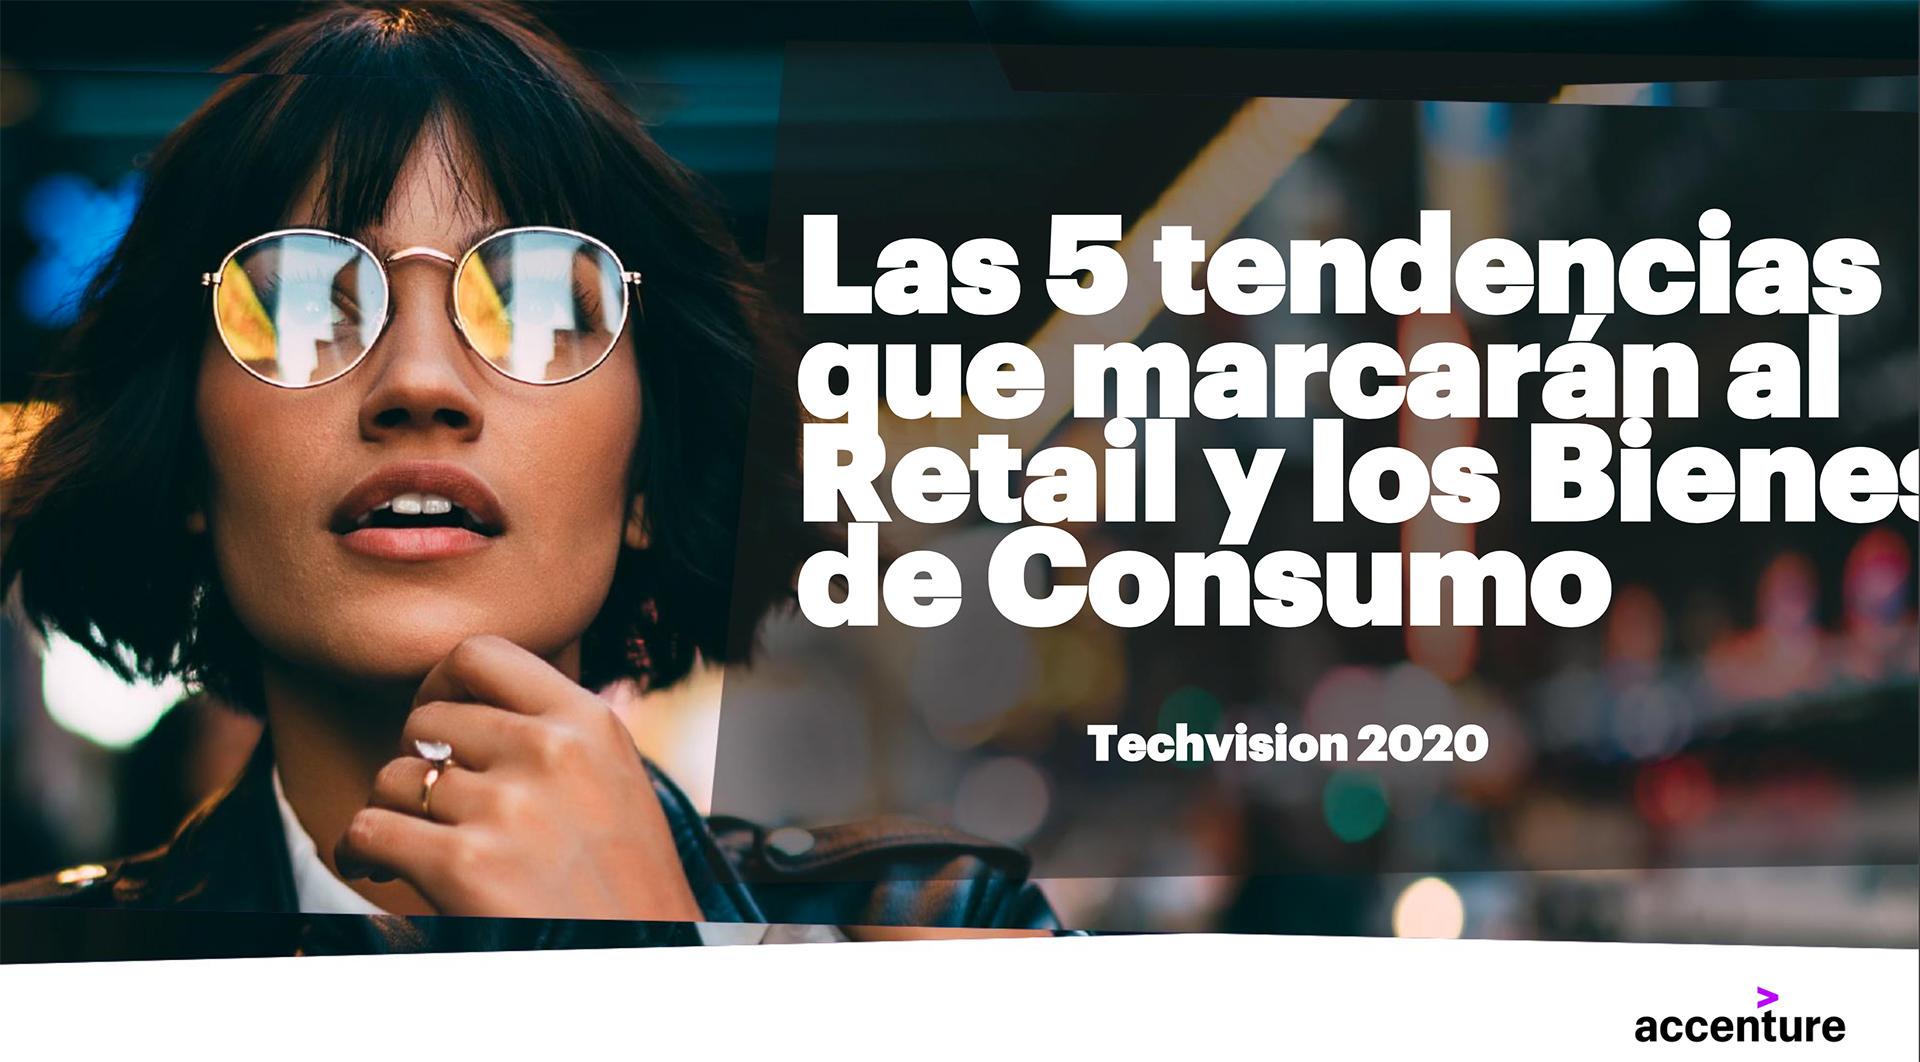 Accenture_estudio TechVision